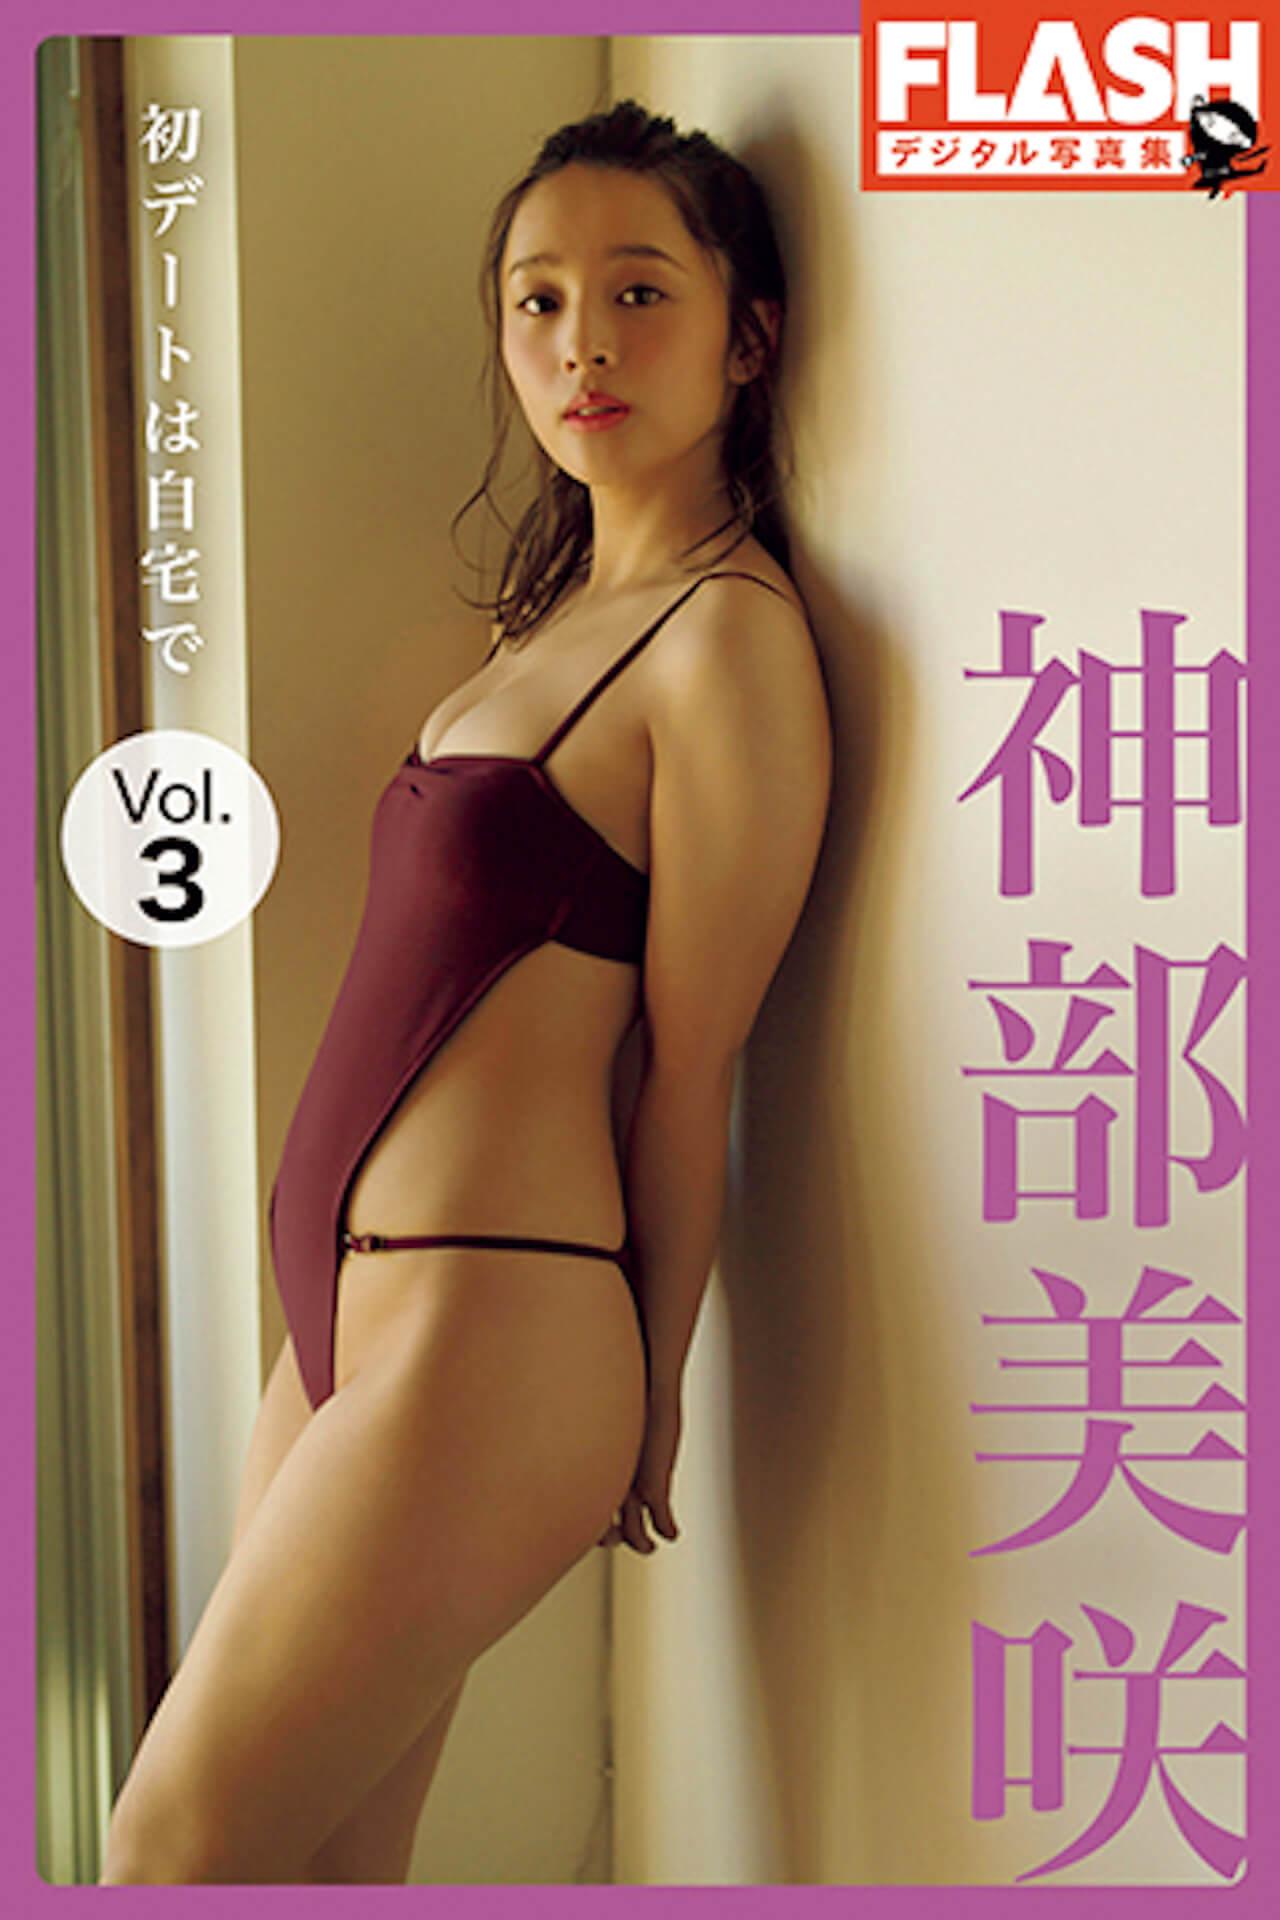 神部美咲が見せるエロチシズム漂う下着姿を大胆に披露!デジタル写真集を3週連続で発売&サイン入り生写真が当たるキャンペーンも art200529_jinbumisaki_4